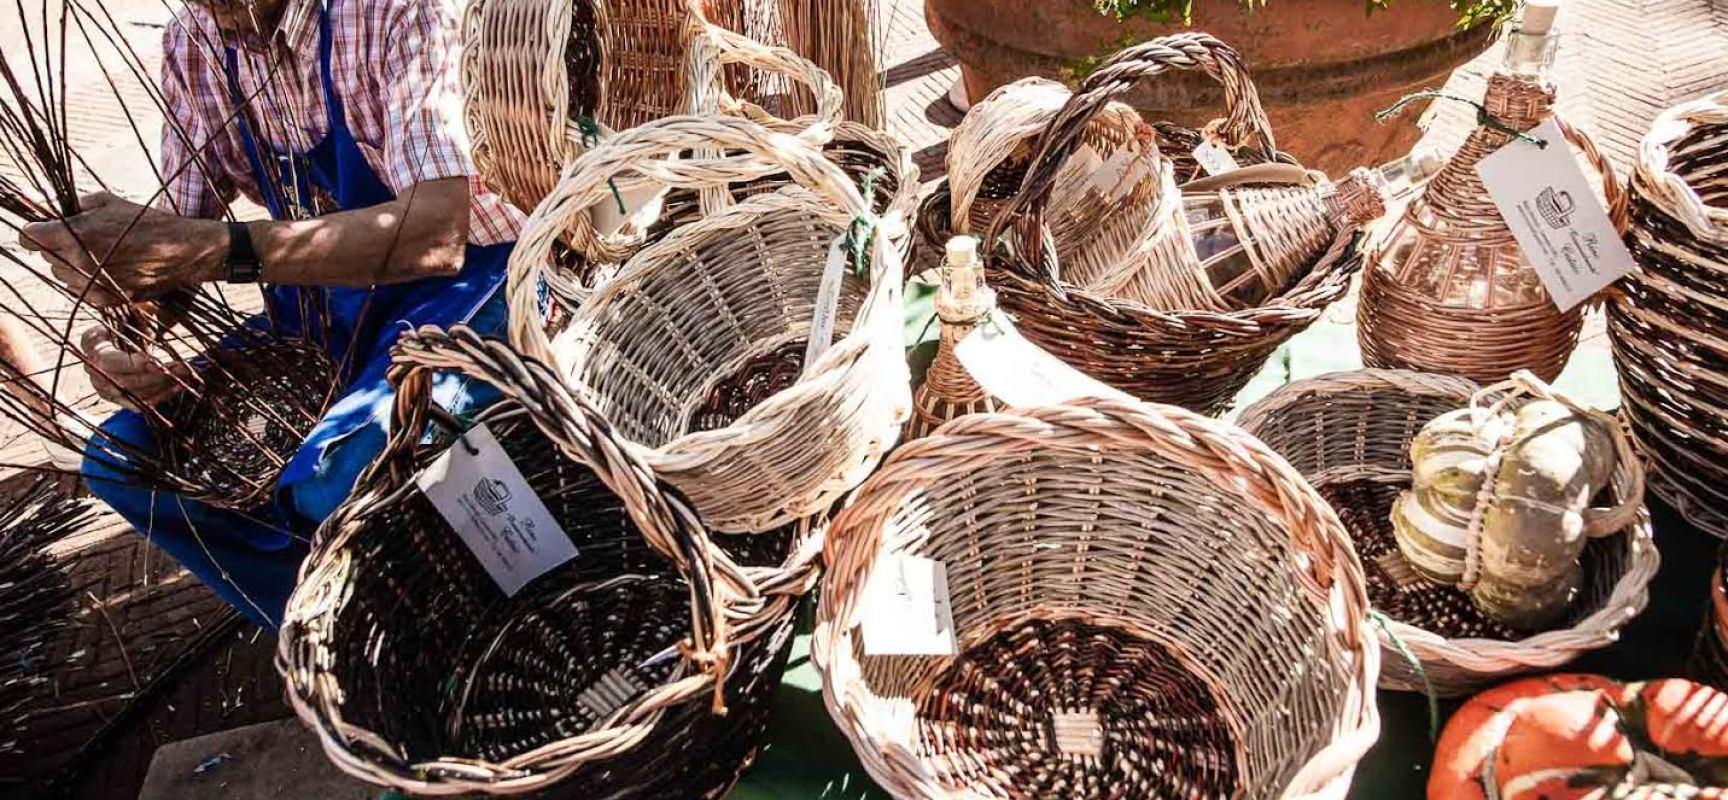 Castelvecchio Pascoli. Torna sabato 17 e domenica 18 settembre il Festival d'Autunno nella tenuta del Ciocco